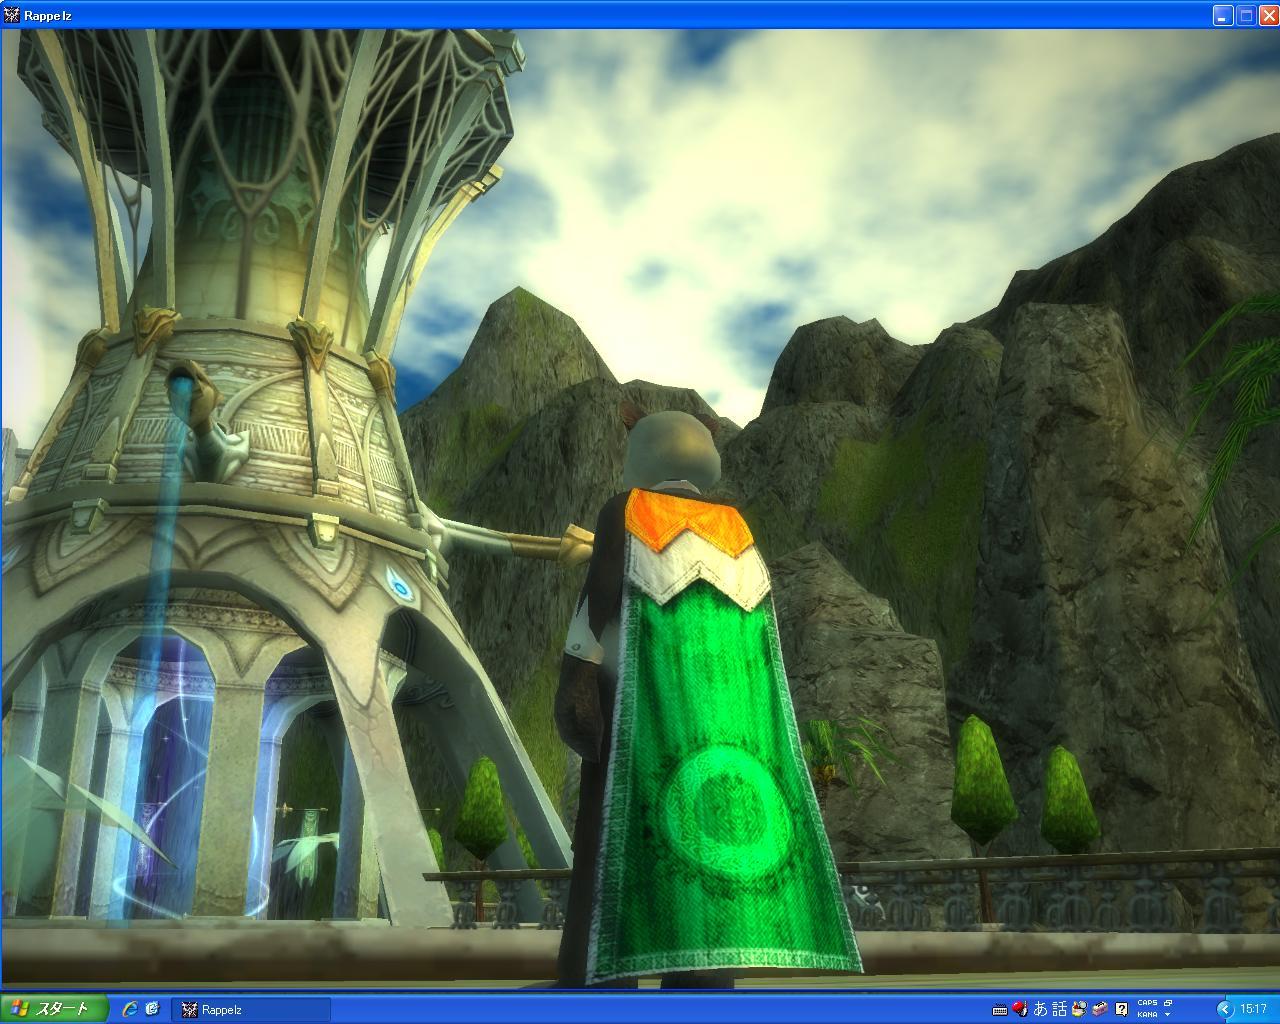 装飾マントGMイベントアイテム「アイルランドフラッグマント」2